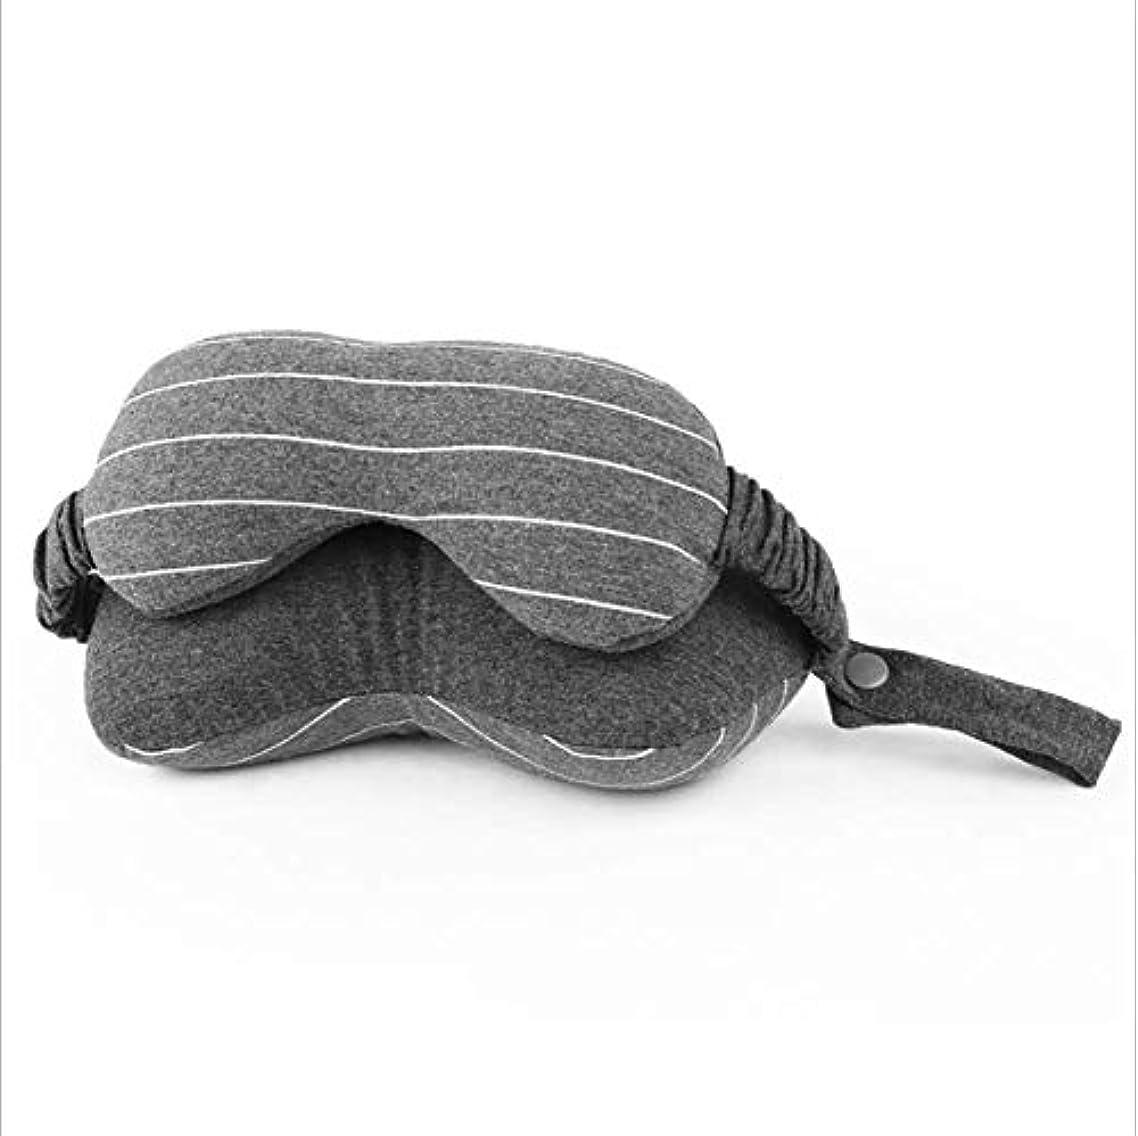 企業成功大腿アイマスクの枕旅行の睡眠に適していますストレスリリーフユニセックスフルシェーディングソフトで快適な調節可能睡眠に役立ちます